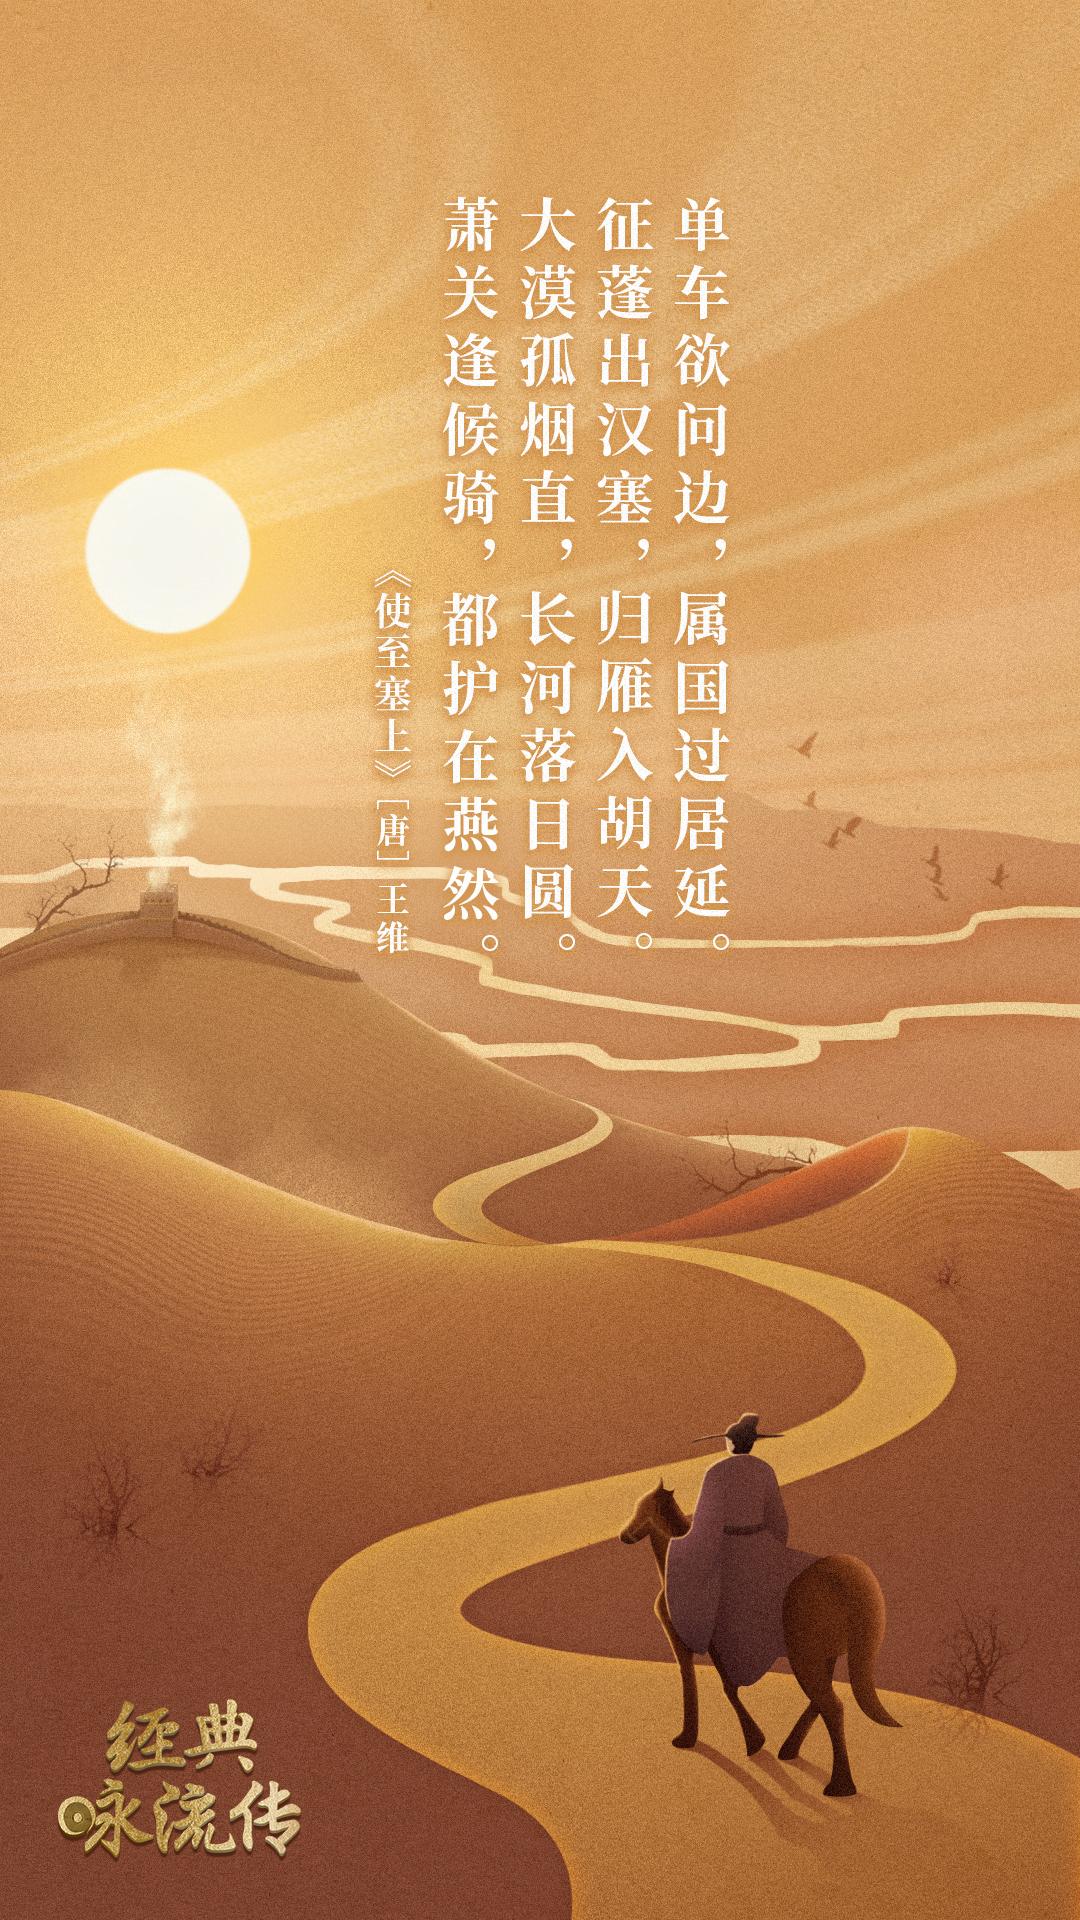 《经典咏流传》诗词意境海报合集 欣赏-第43张